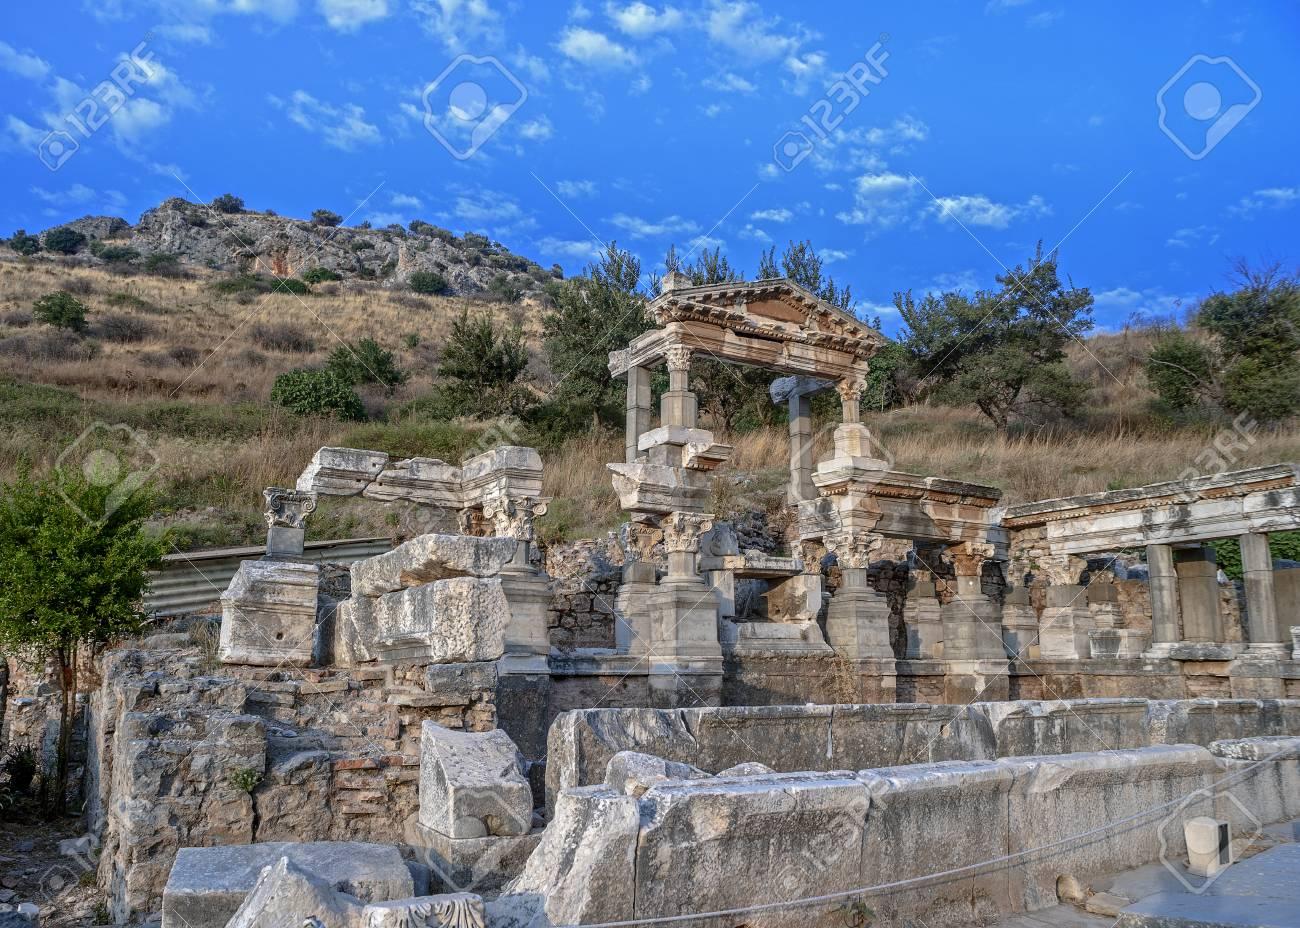 Adivina la ciudad 77188273-turqu%C3%ADa-las-ruinas-de-la-antigua-ciudad-de-%C3%89feso-fundada-en-el-siglo-xi-ac-